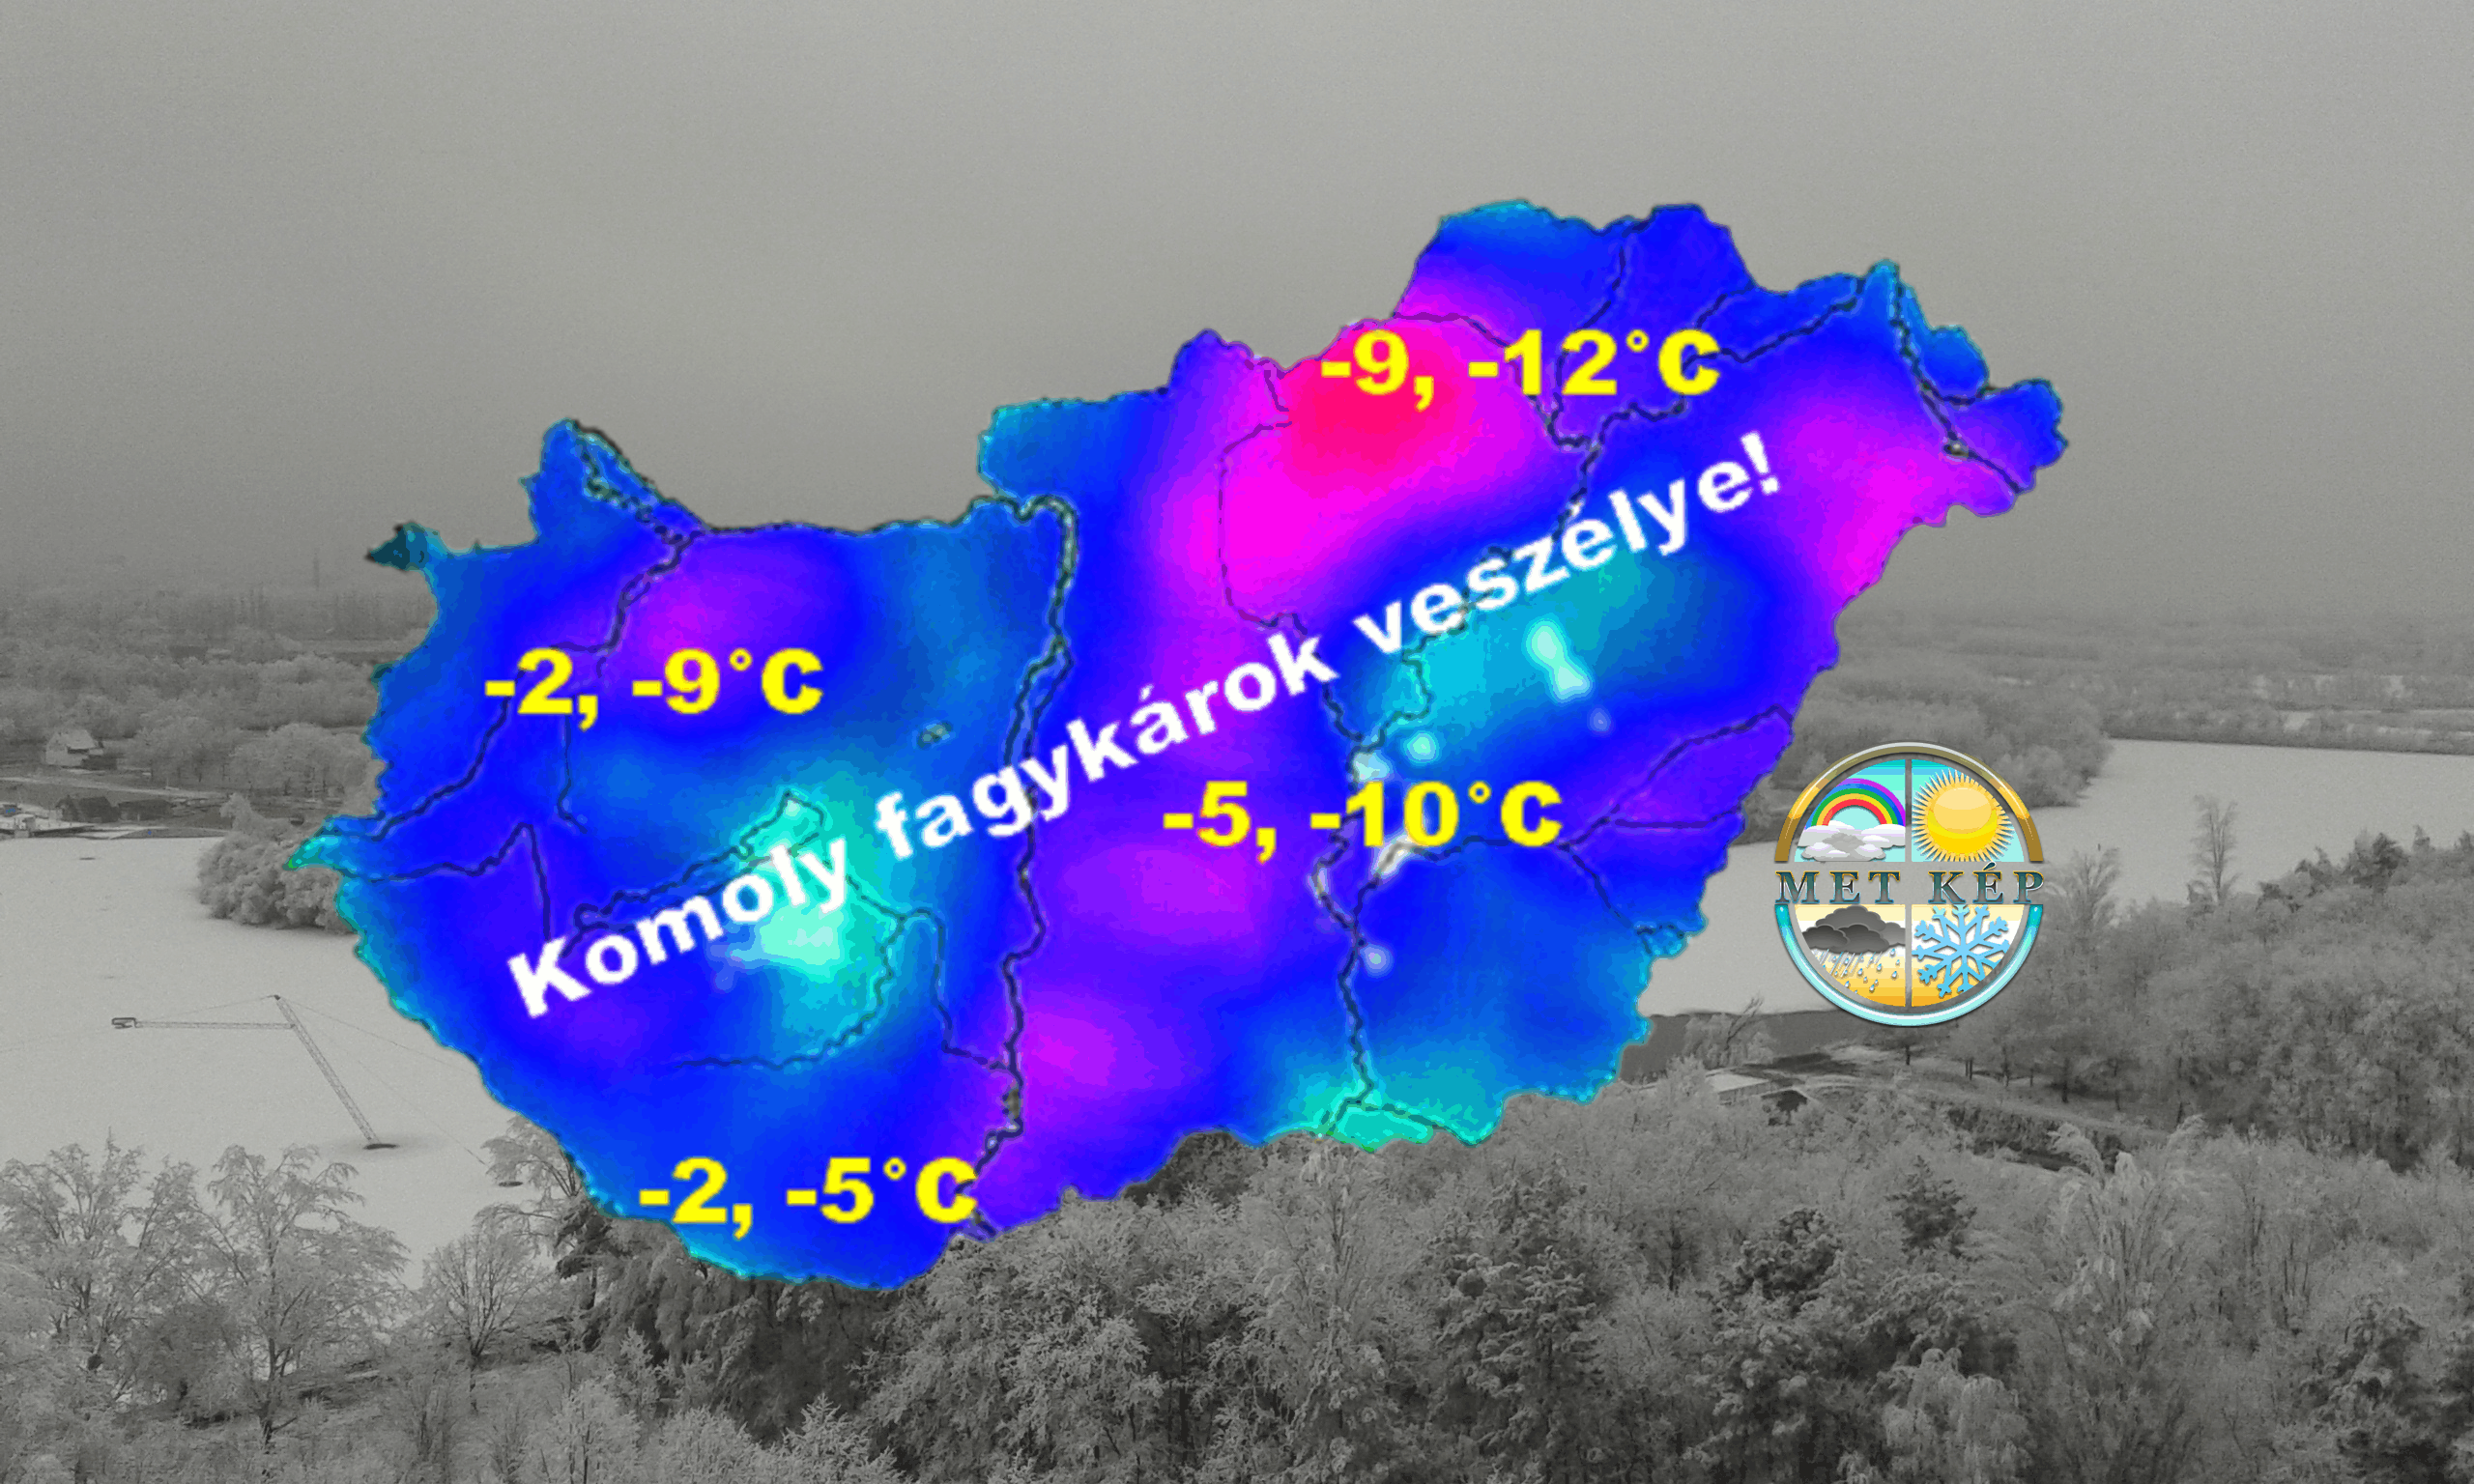 Zord hideggel indul április, -10, -12 fokos fagy is várható! 1